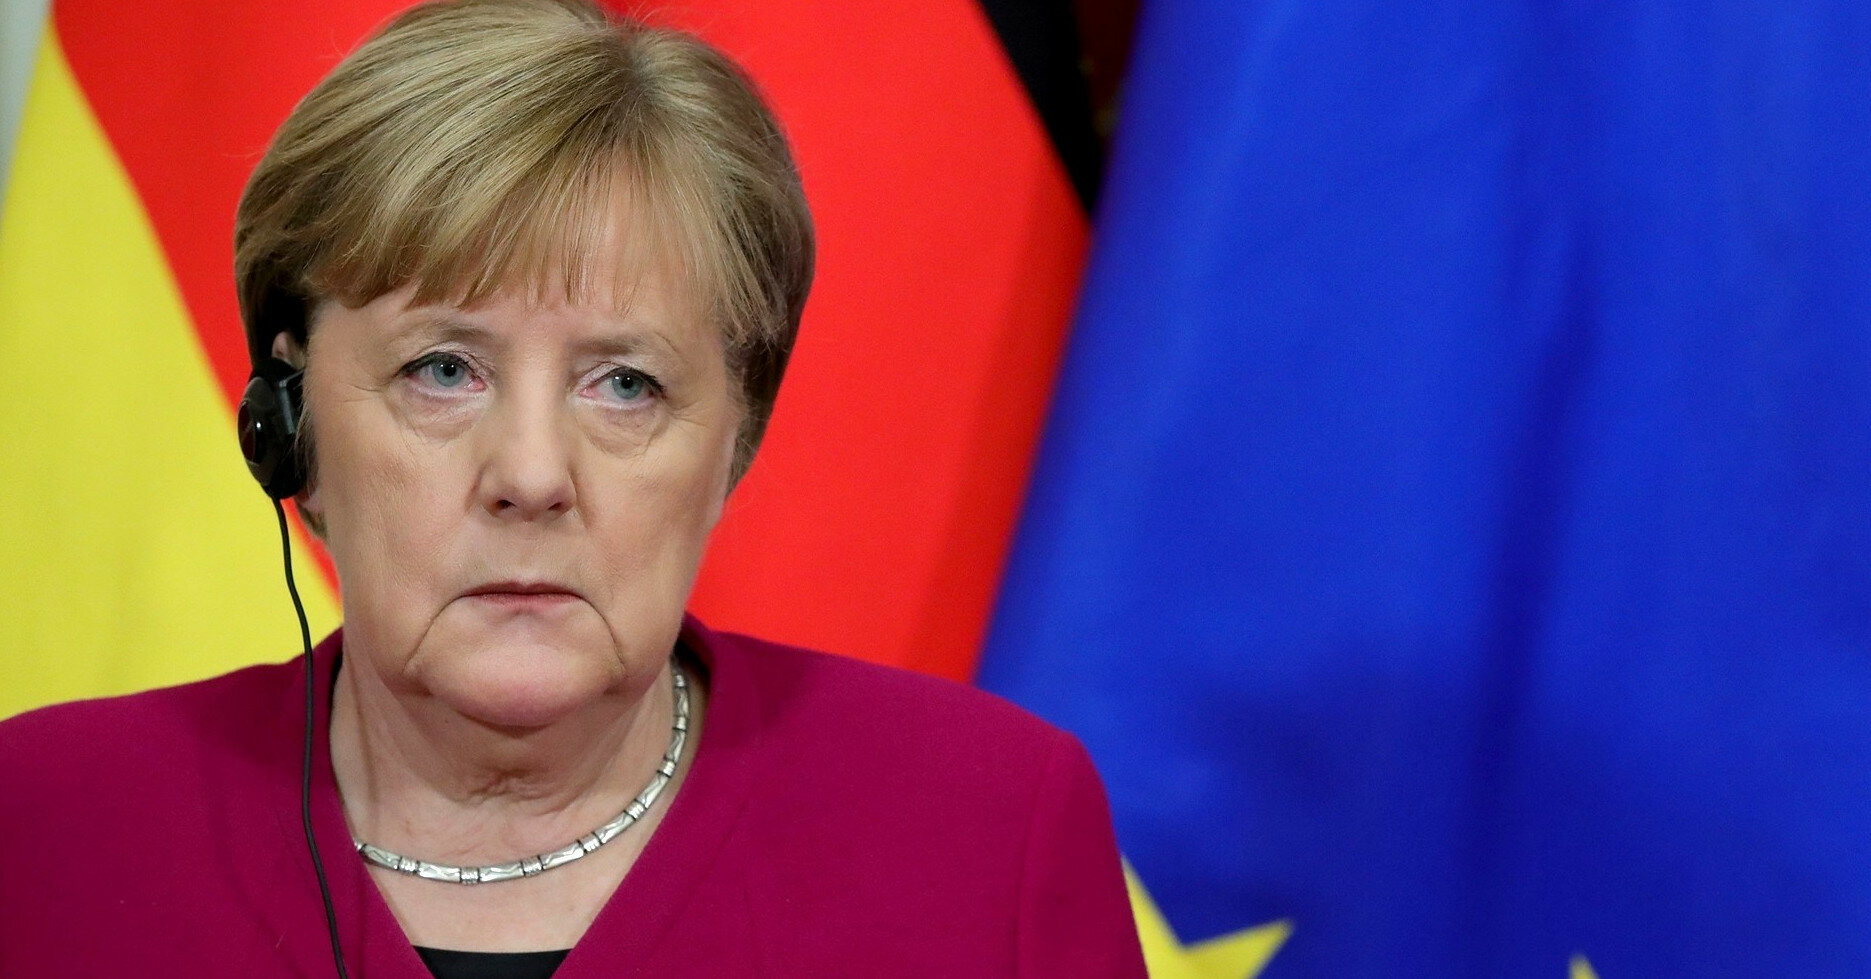 Экс-глава МИД: Меркель не хотела признавать агрессию РФ